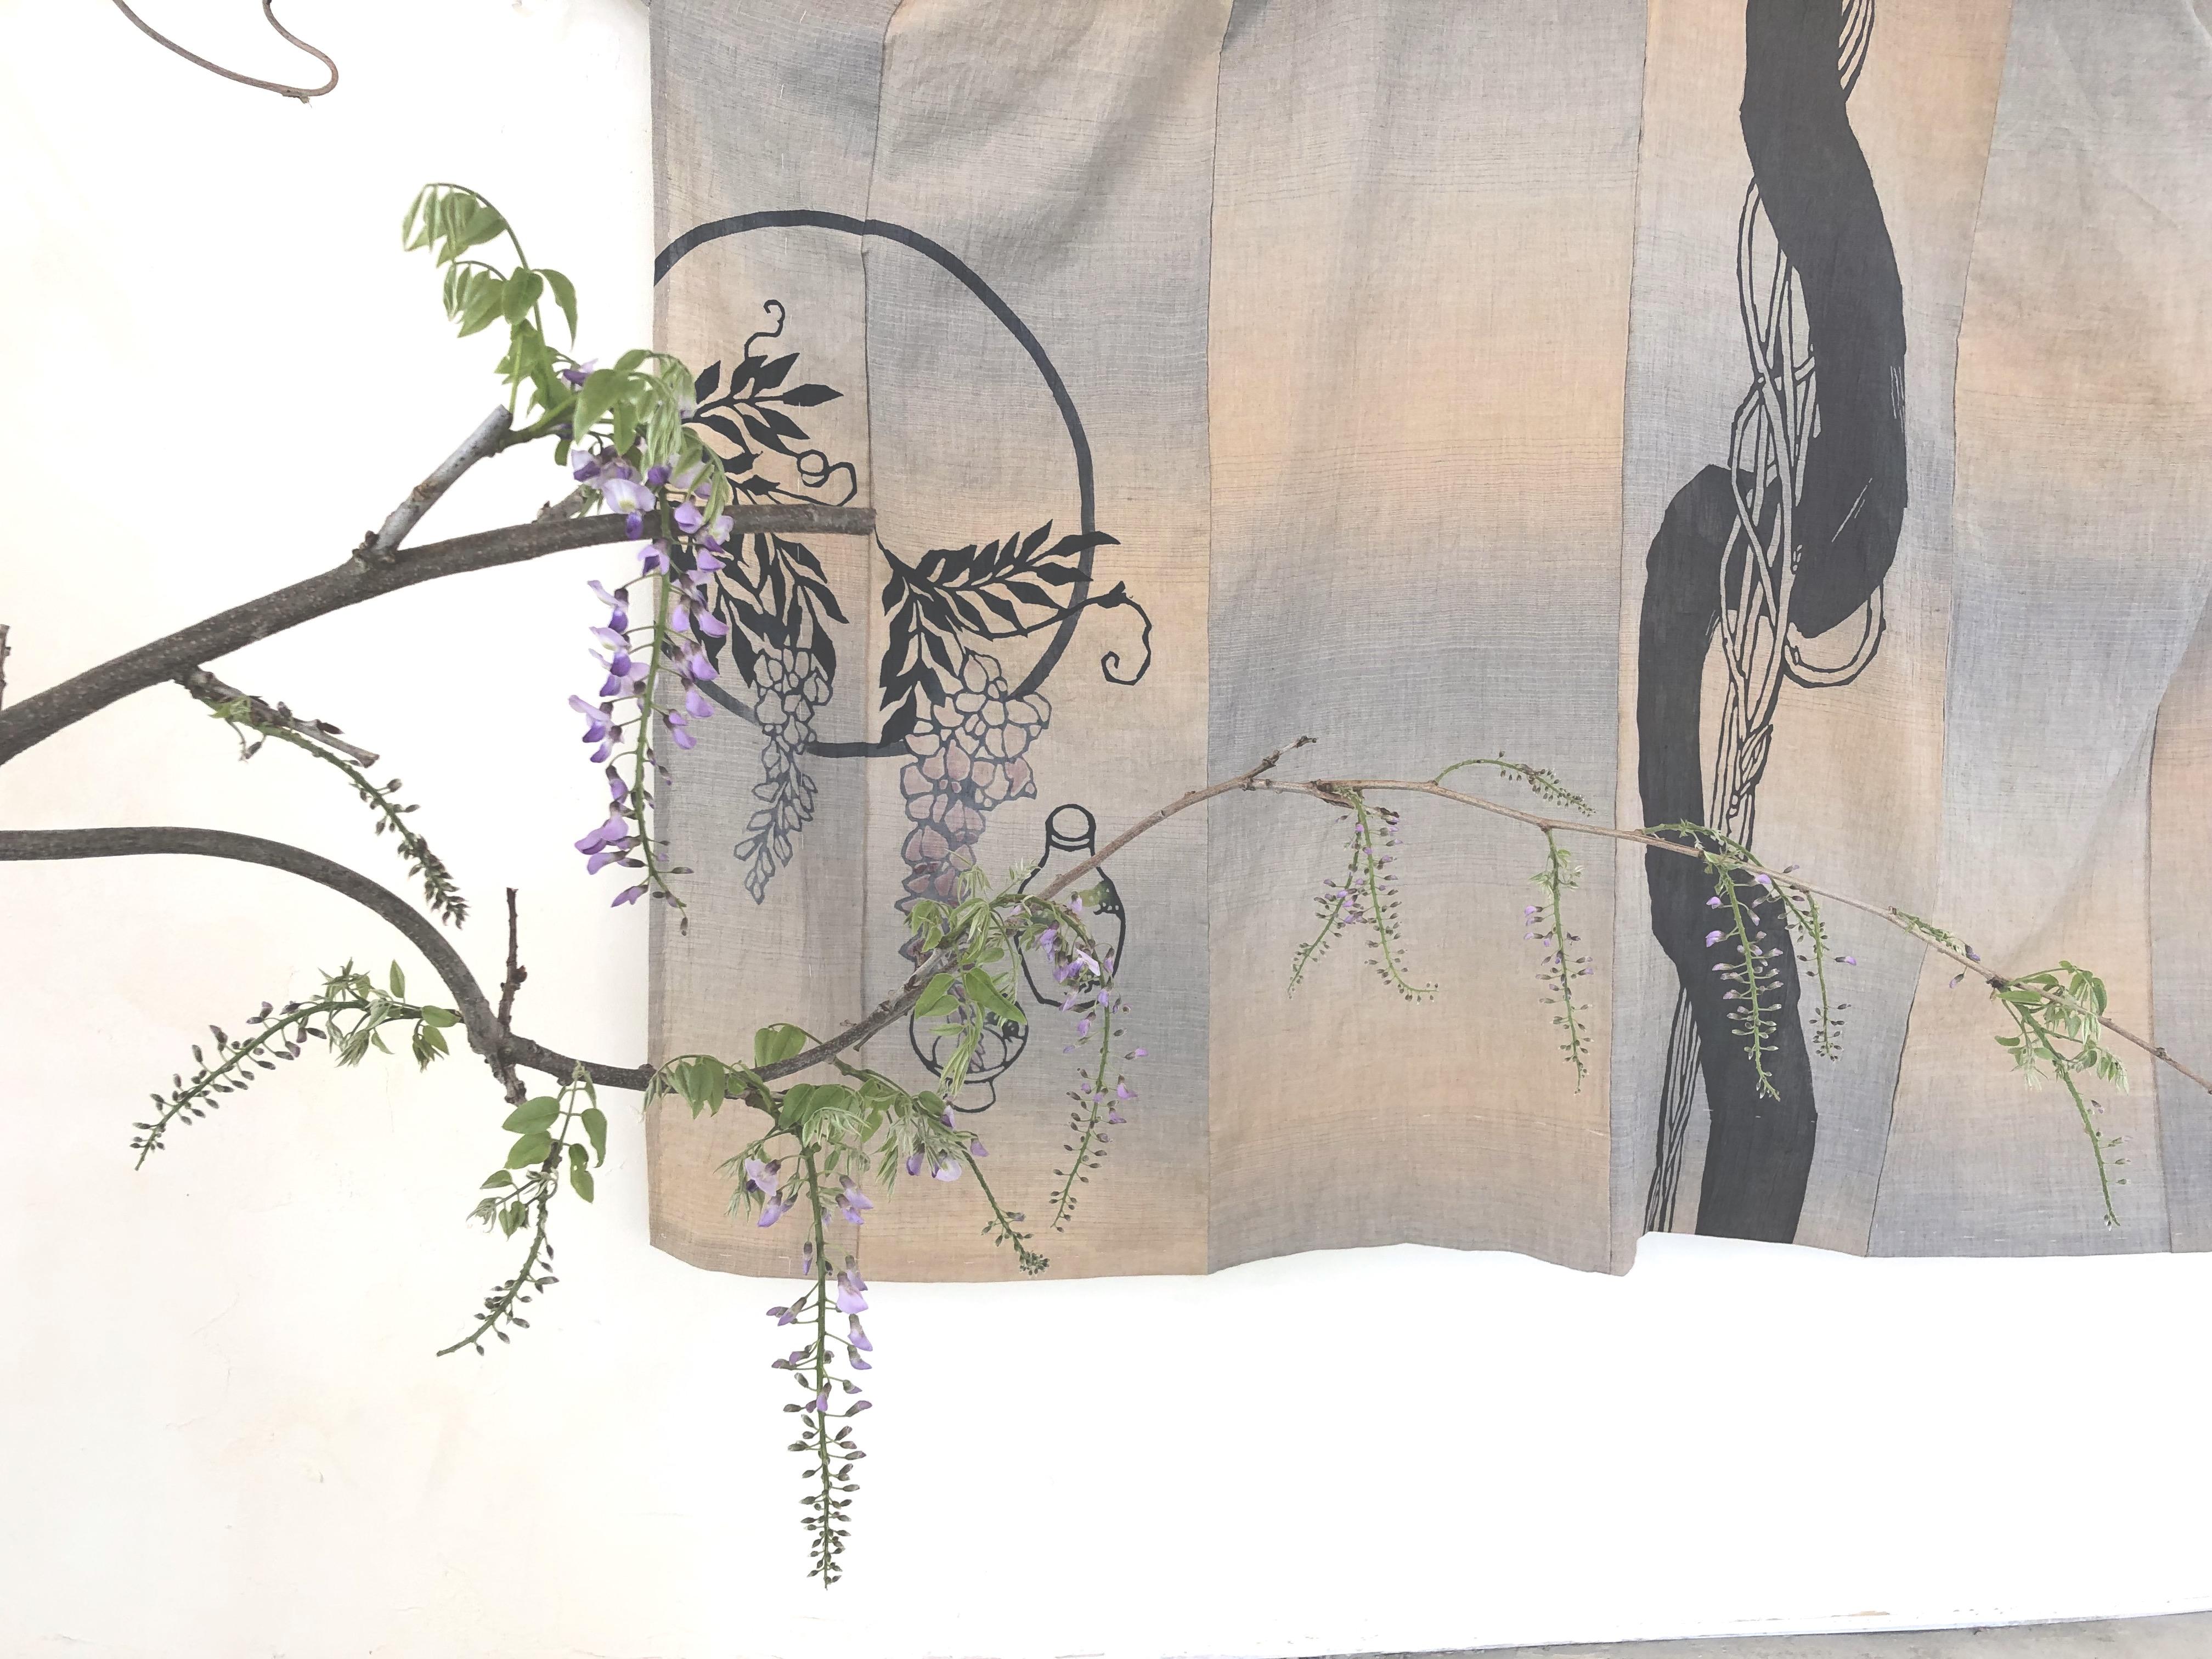 烏山結貴、ca-koのウェブサイトです。小倉充子×烏山結貴「型染 × 草花」 型染作家の小倉充子さんと、 3つの物語を題材に、絵羽と草花にて共演しました。